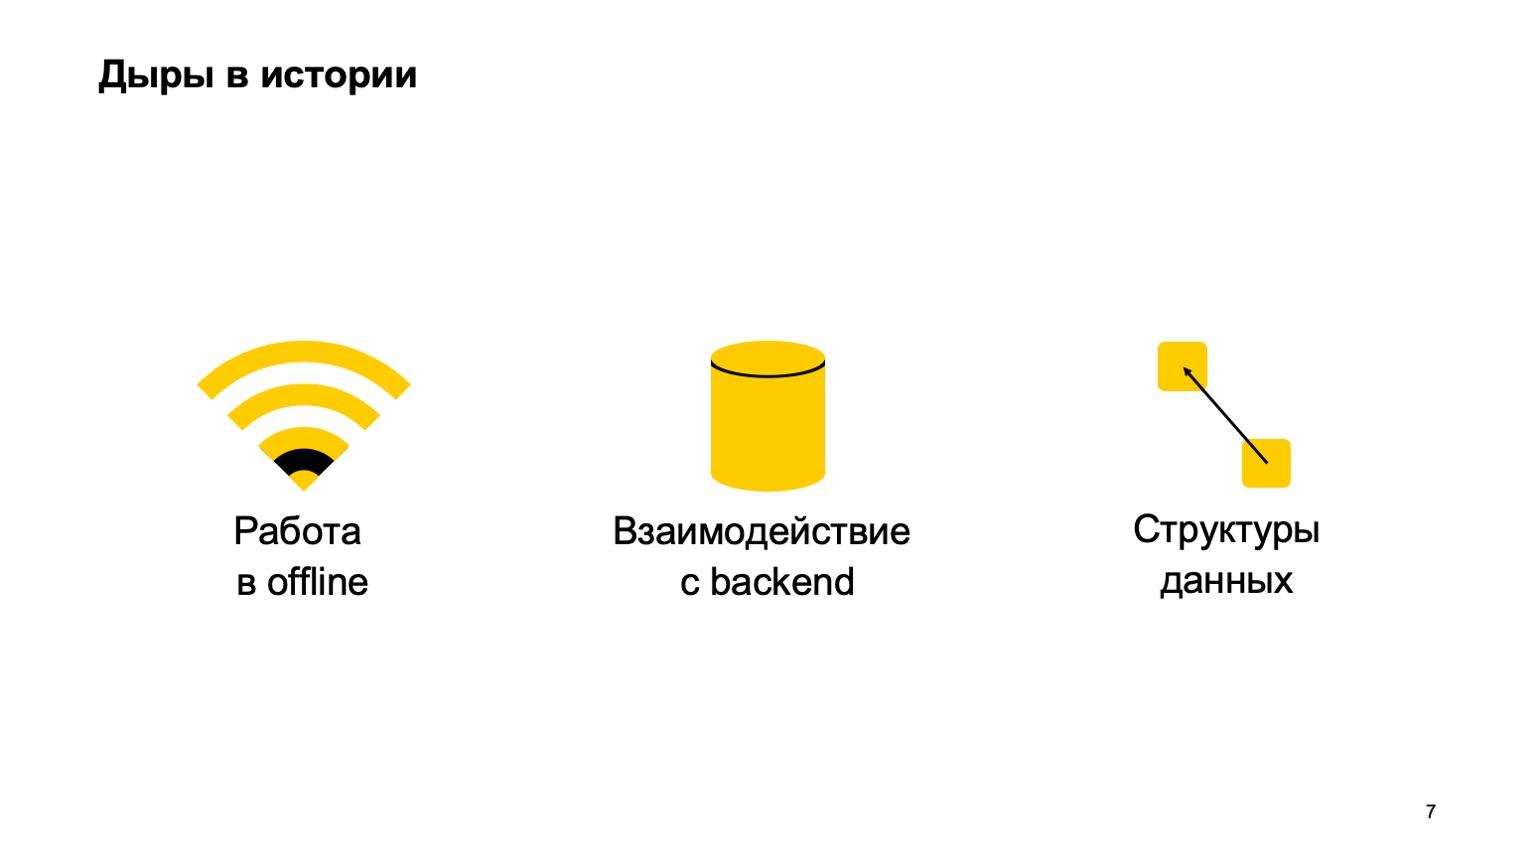 Мобильная разработка — это просто и скучно? Доклад Яндекса - 7